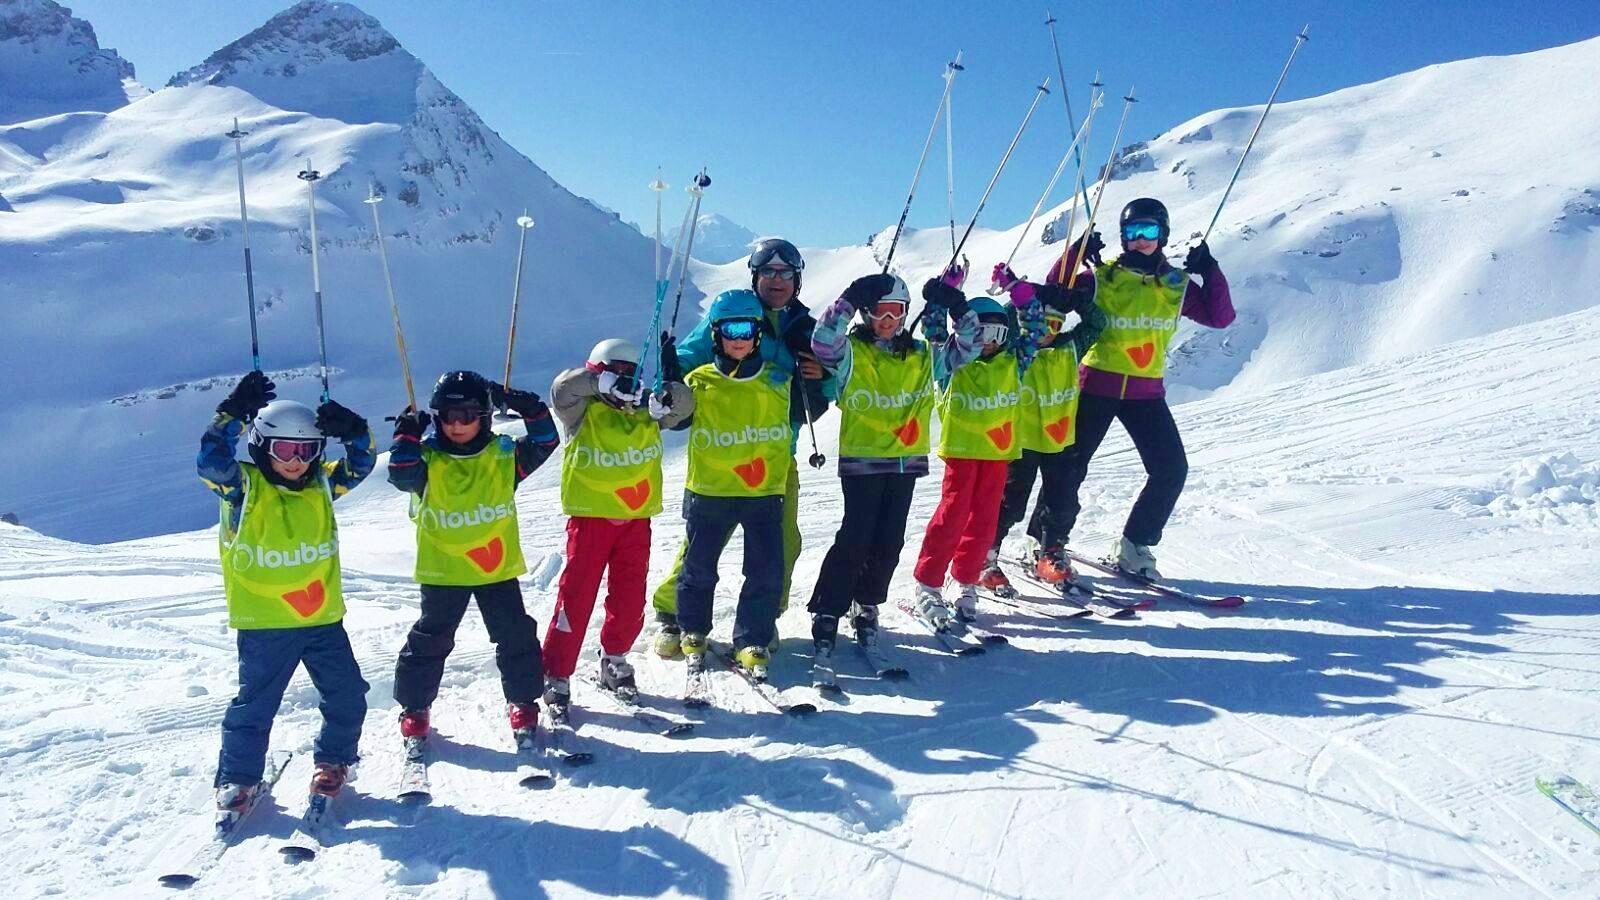 Cours de ski Enfants (5-17 ans) pour Expérimentés